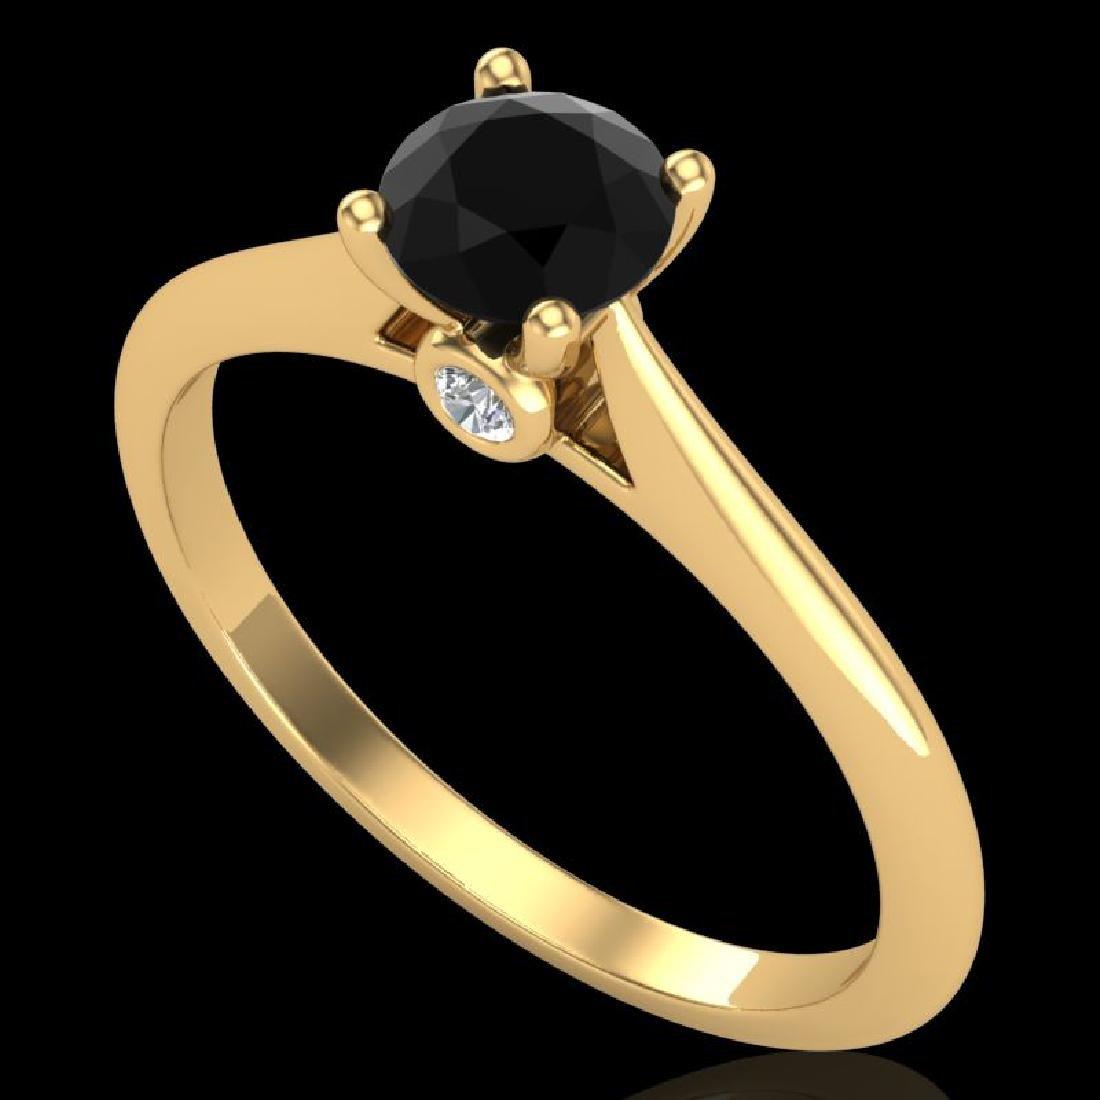 0.56 CTW Fancy Black Diamond Solitaire Engagement Art